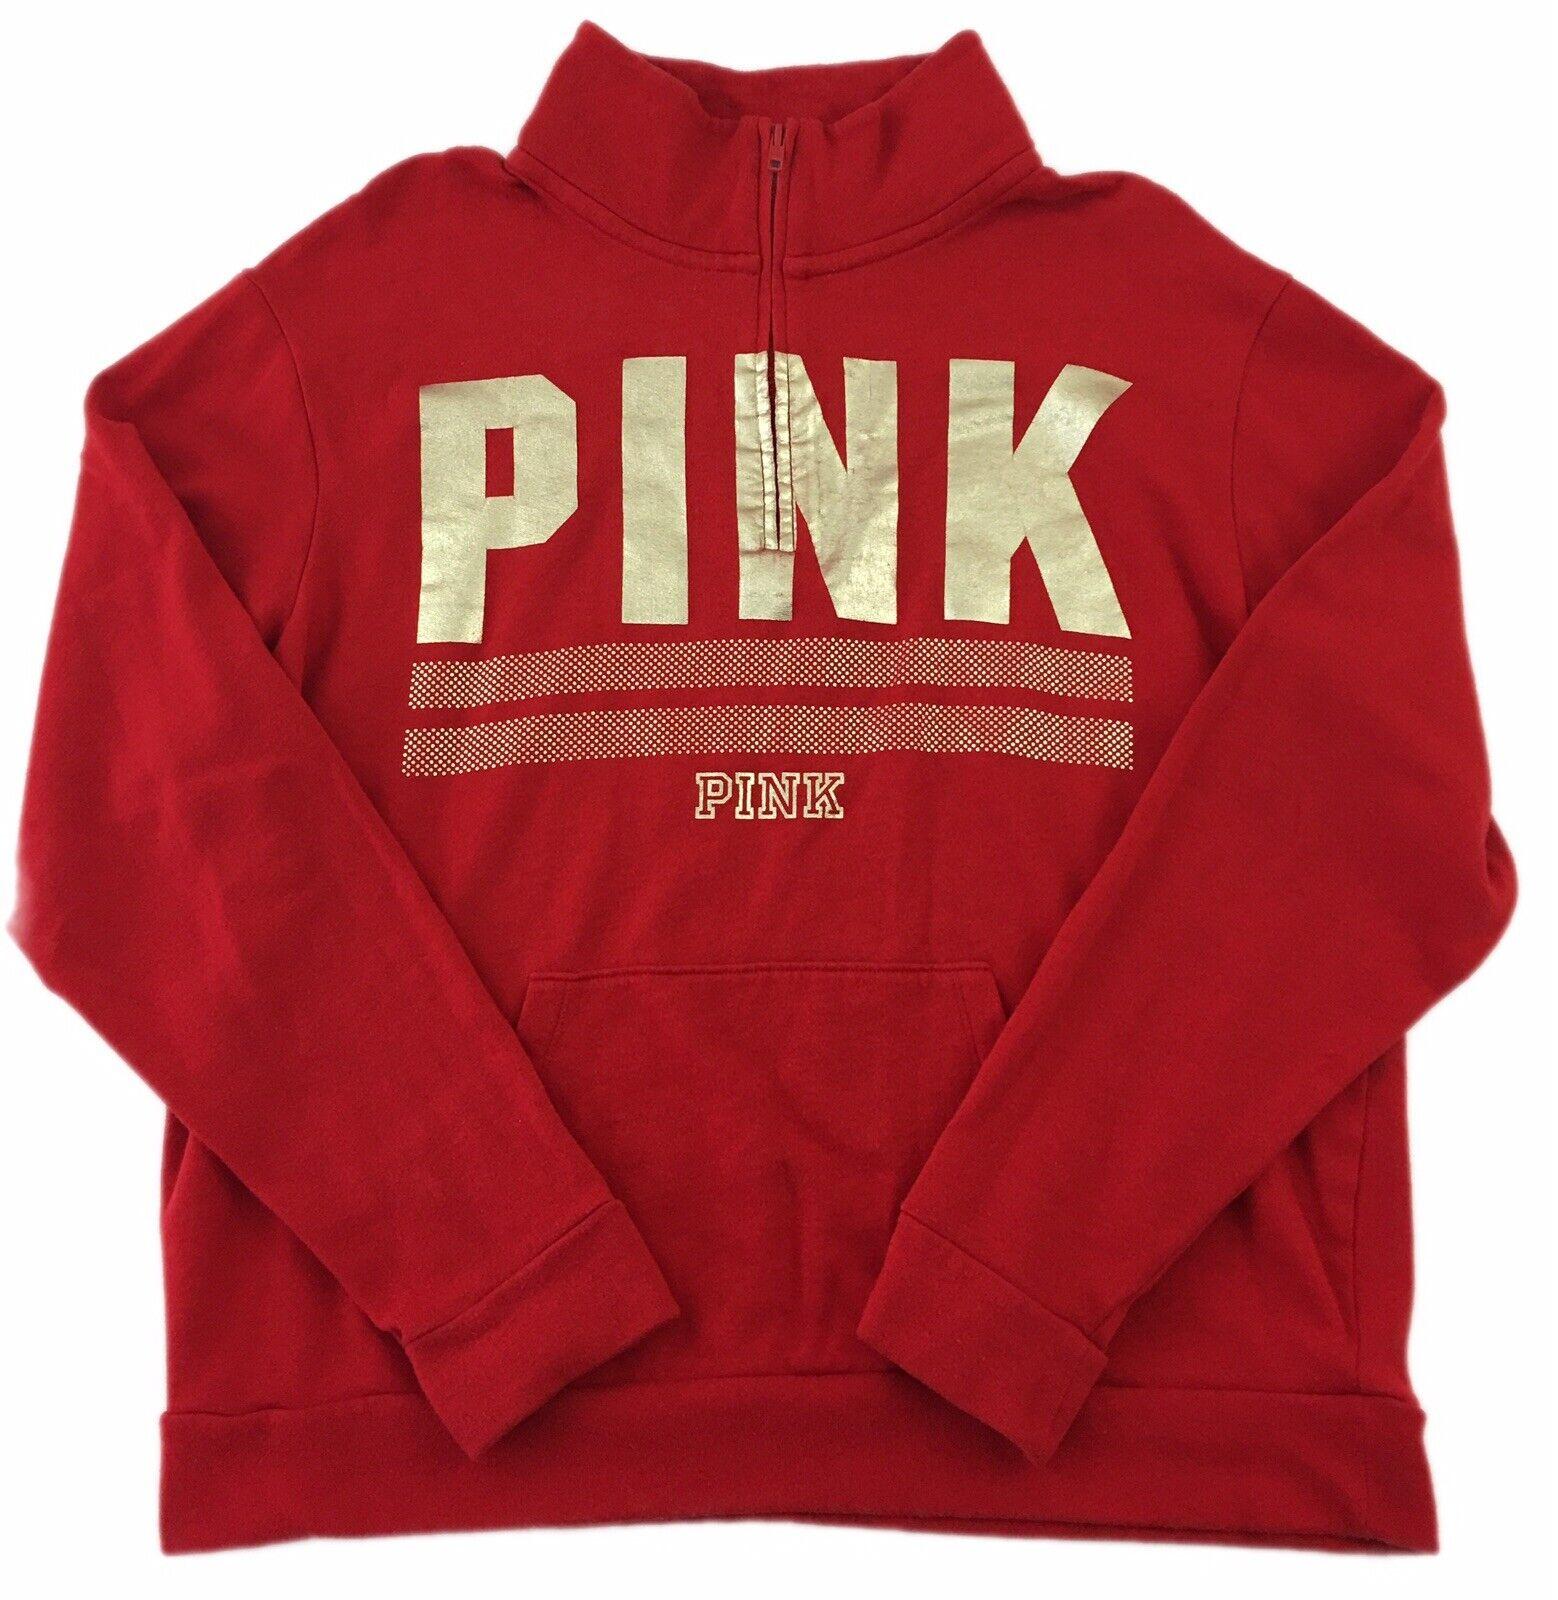 Victoria's Secret Sweatshirt Red gold 1 2 1 4 Zip Long Sleeve PINK Women's M